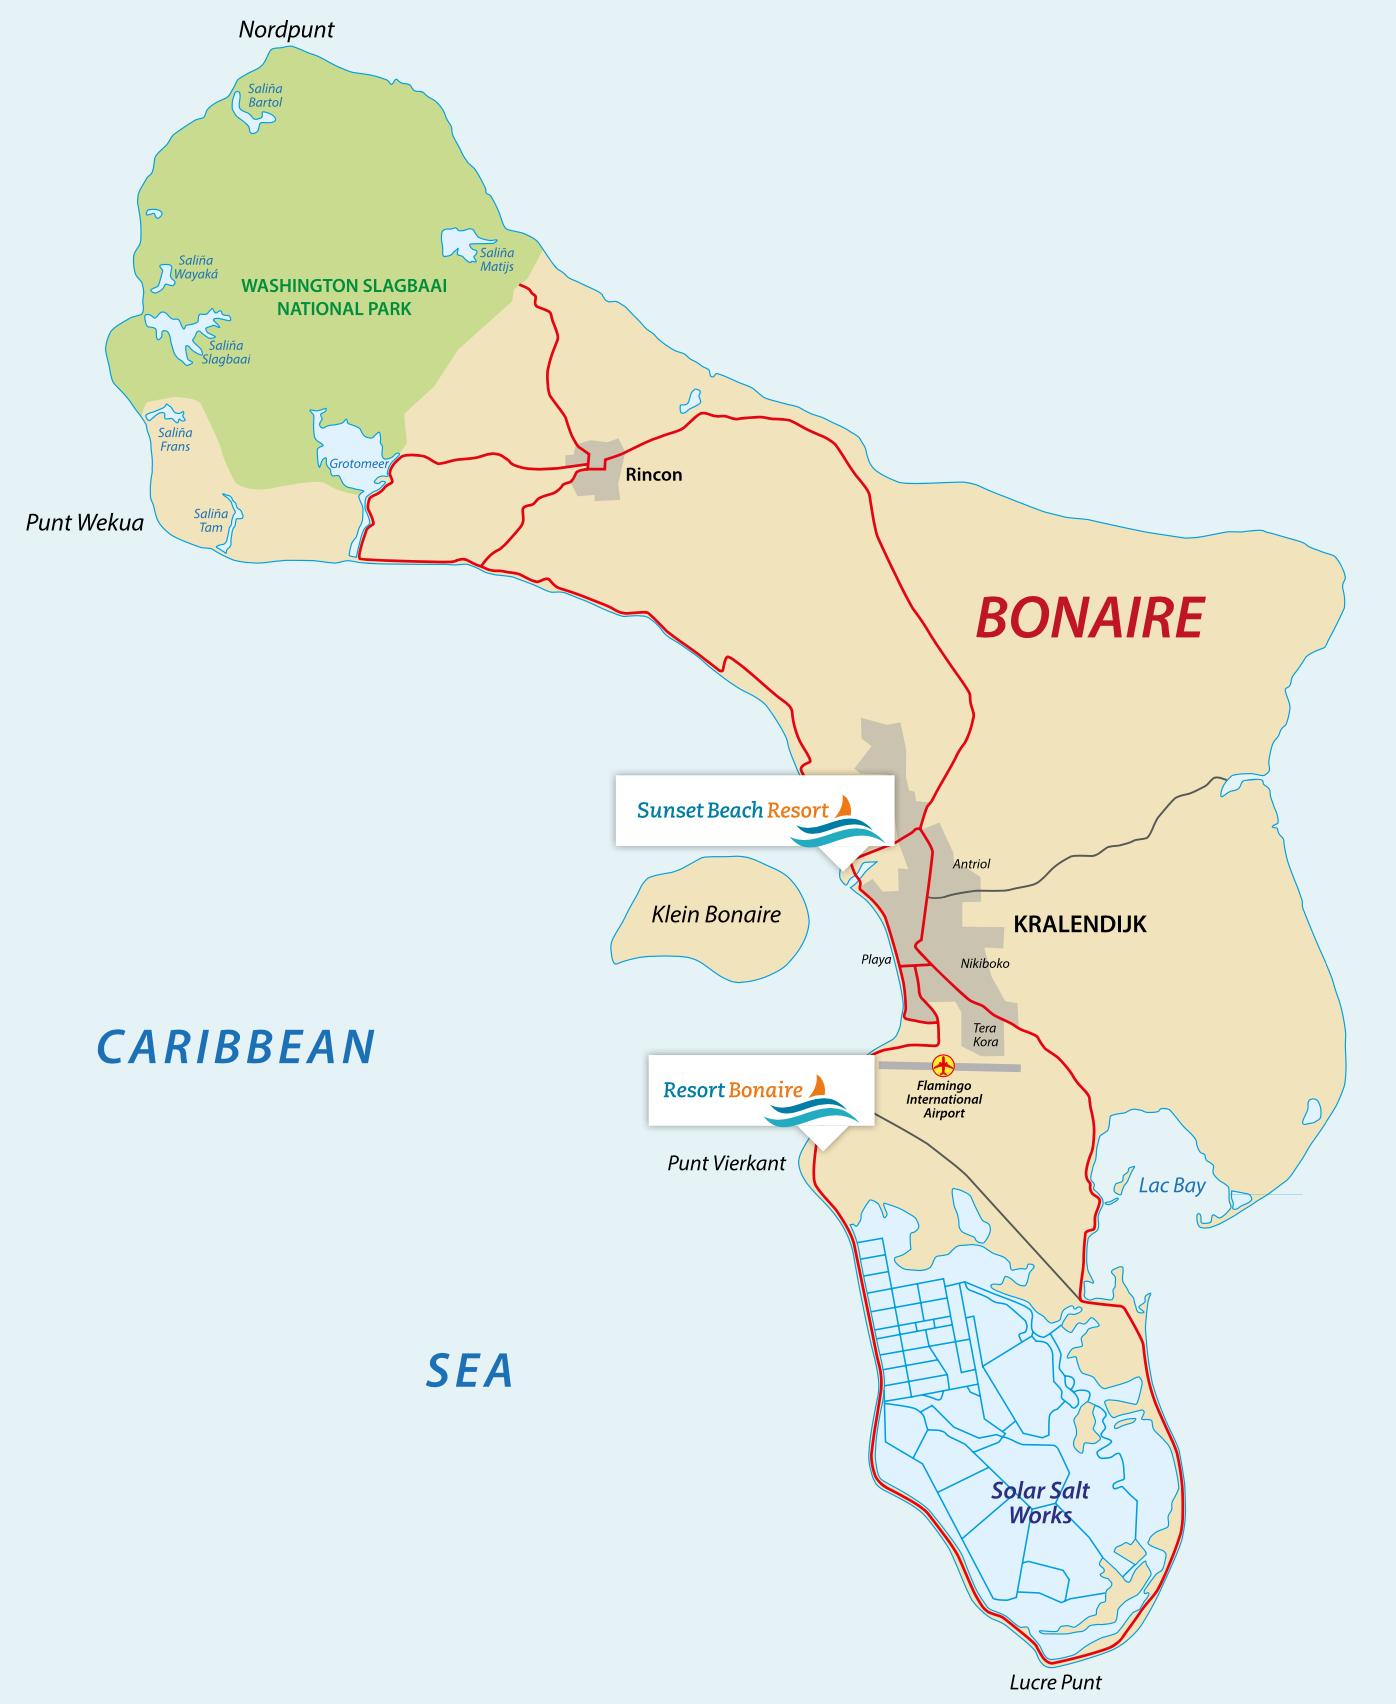 De resorts van Second home Bonaire